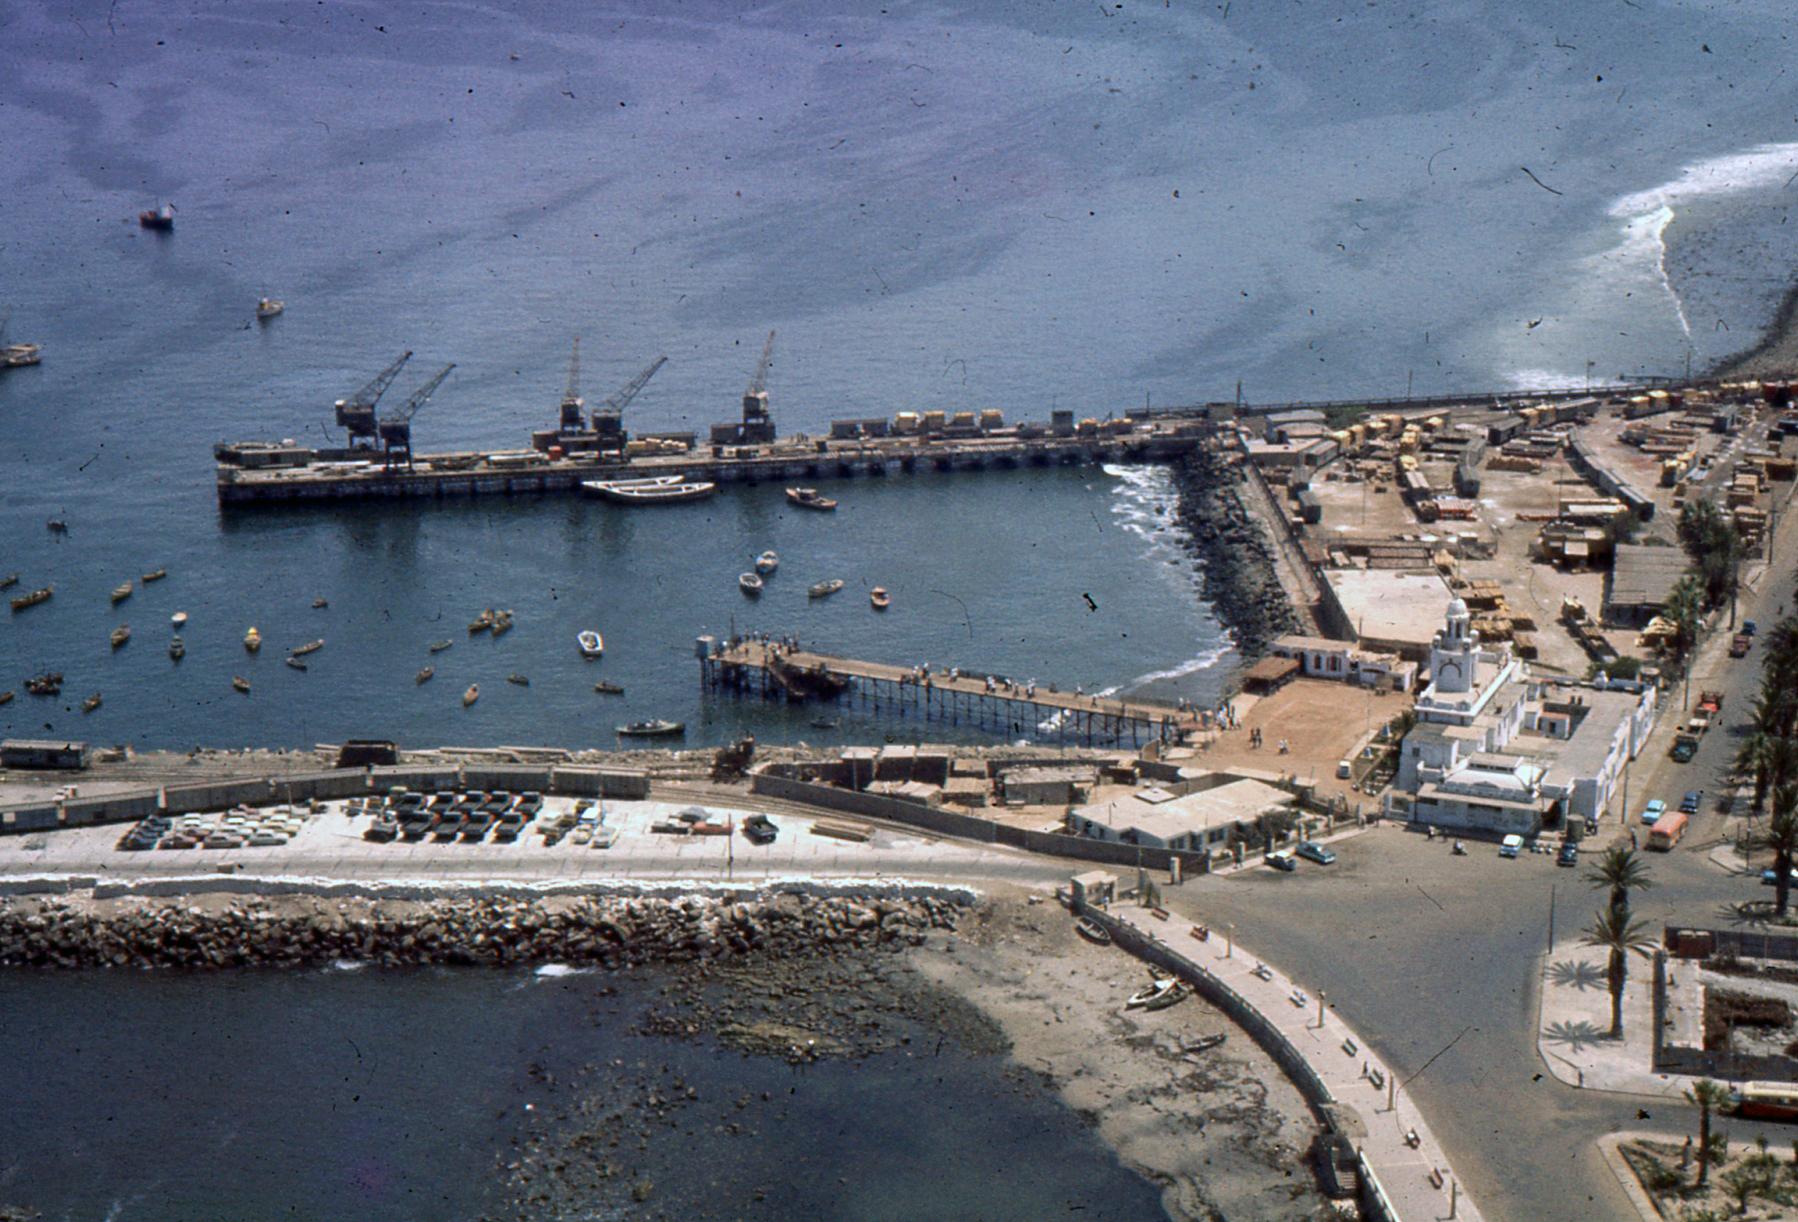 Enterreno - Fotos históricas de chile - fotos antiguas de Chile - Puerto de Arica en 1959